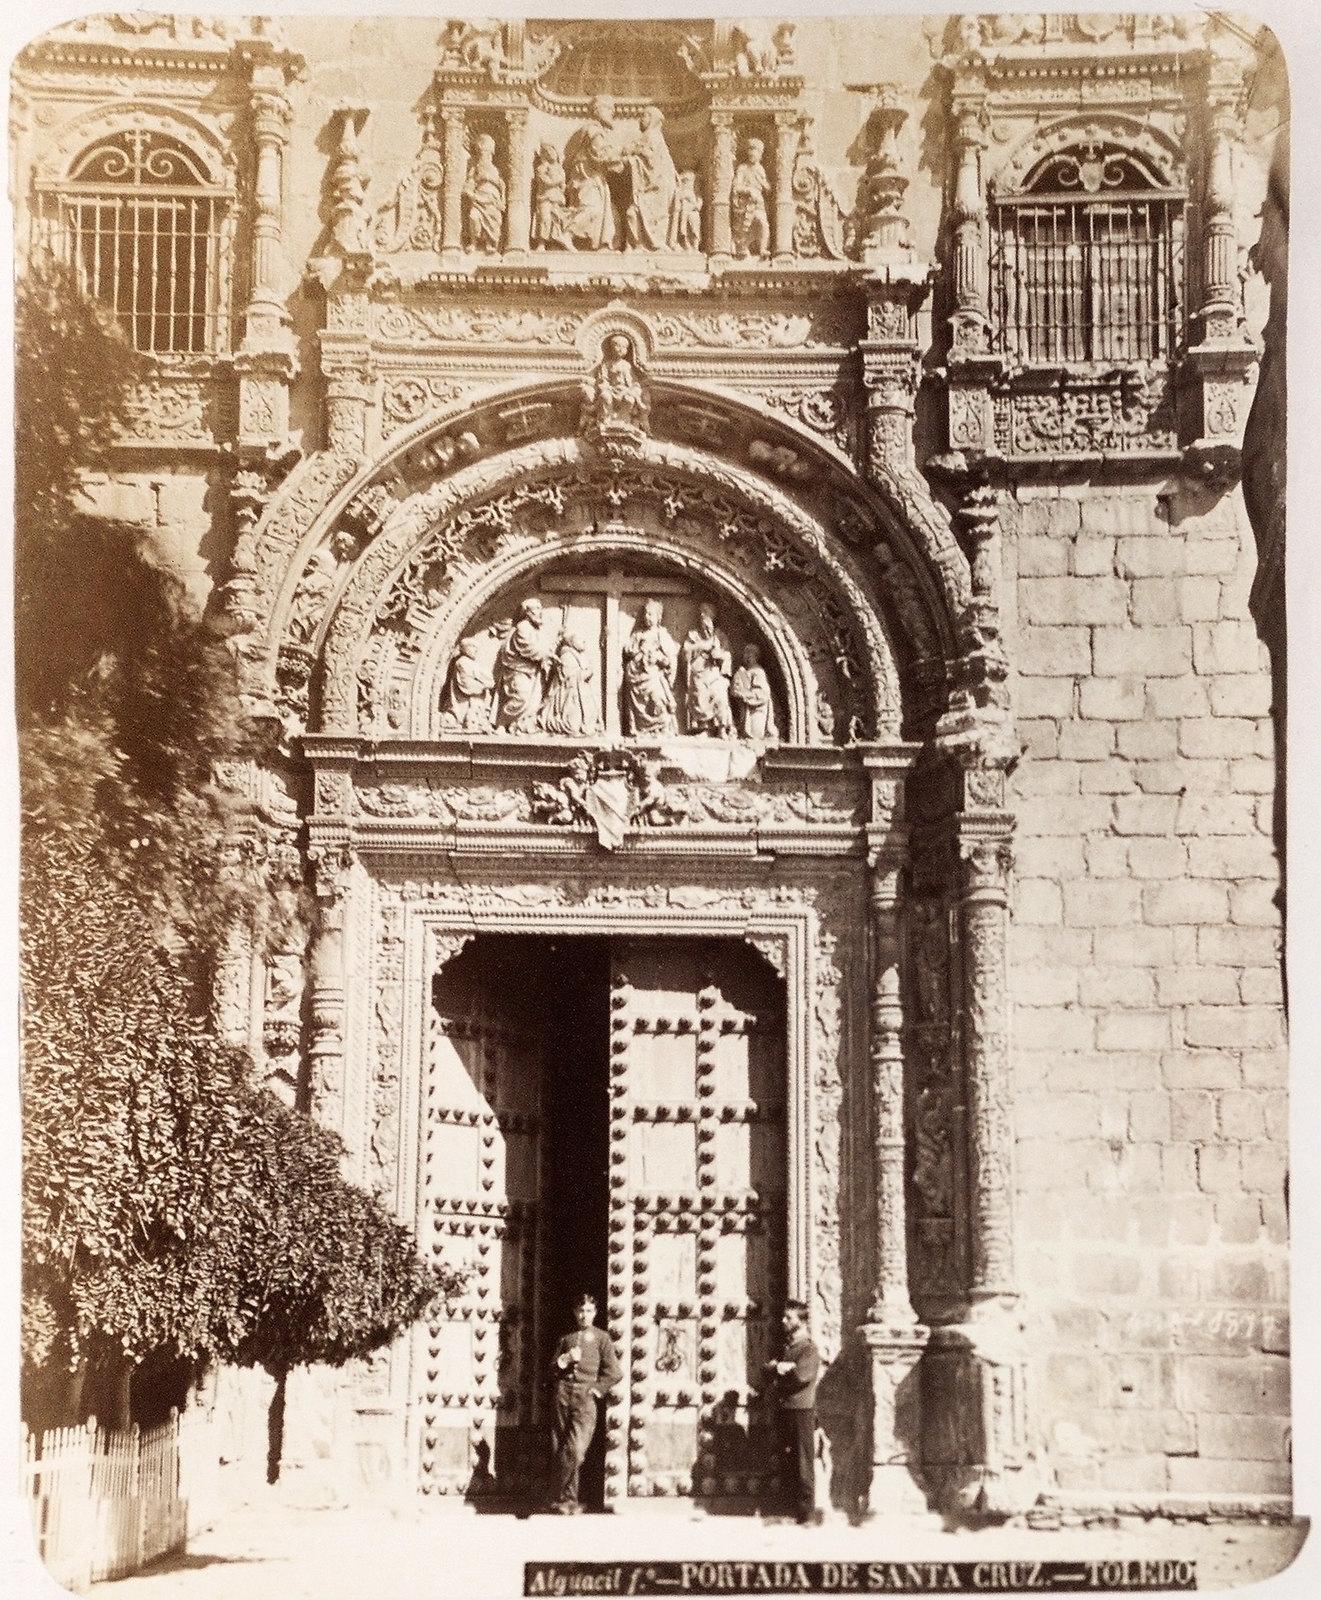 Hospital de Santa Cruz en Toledo hacia 1879. Álbum de la National Gallery con fotos de Casiano Alguacil.